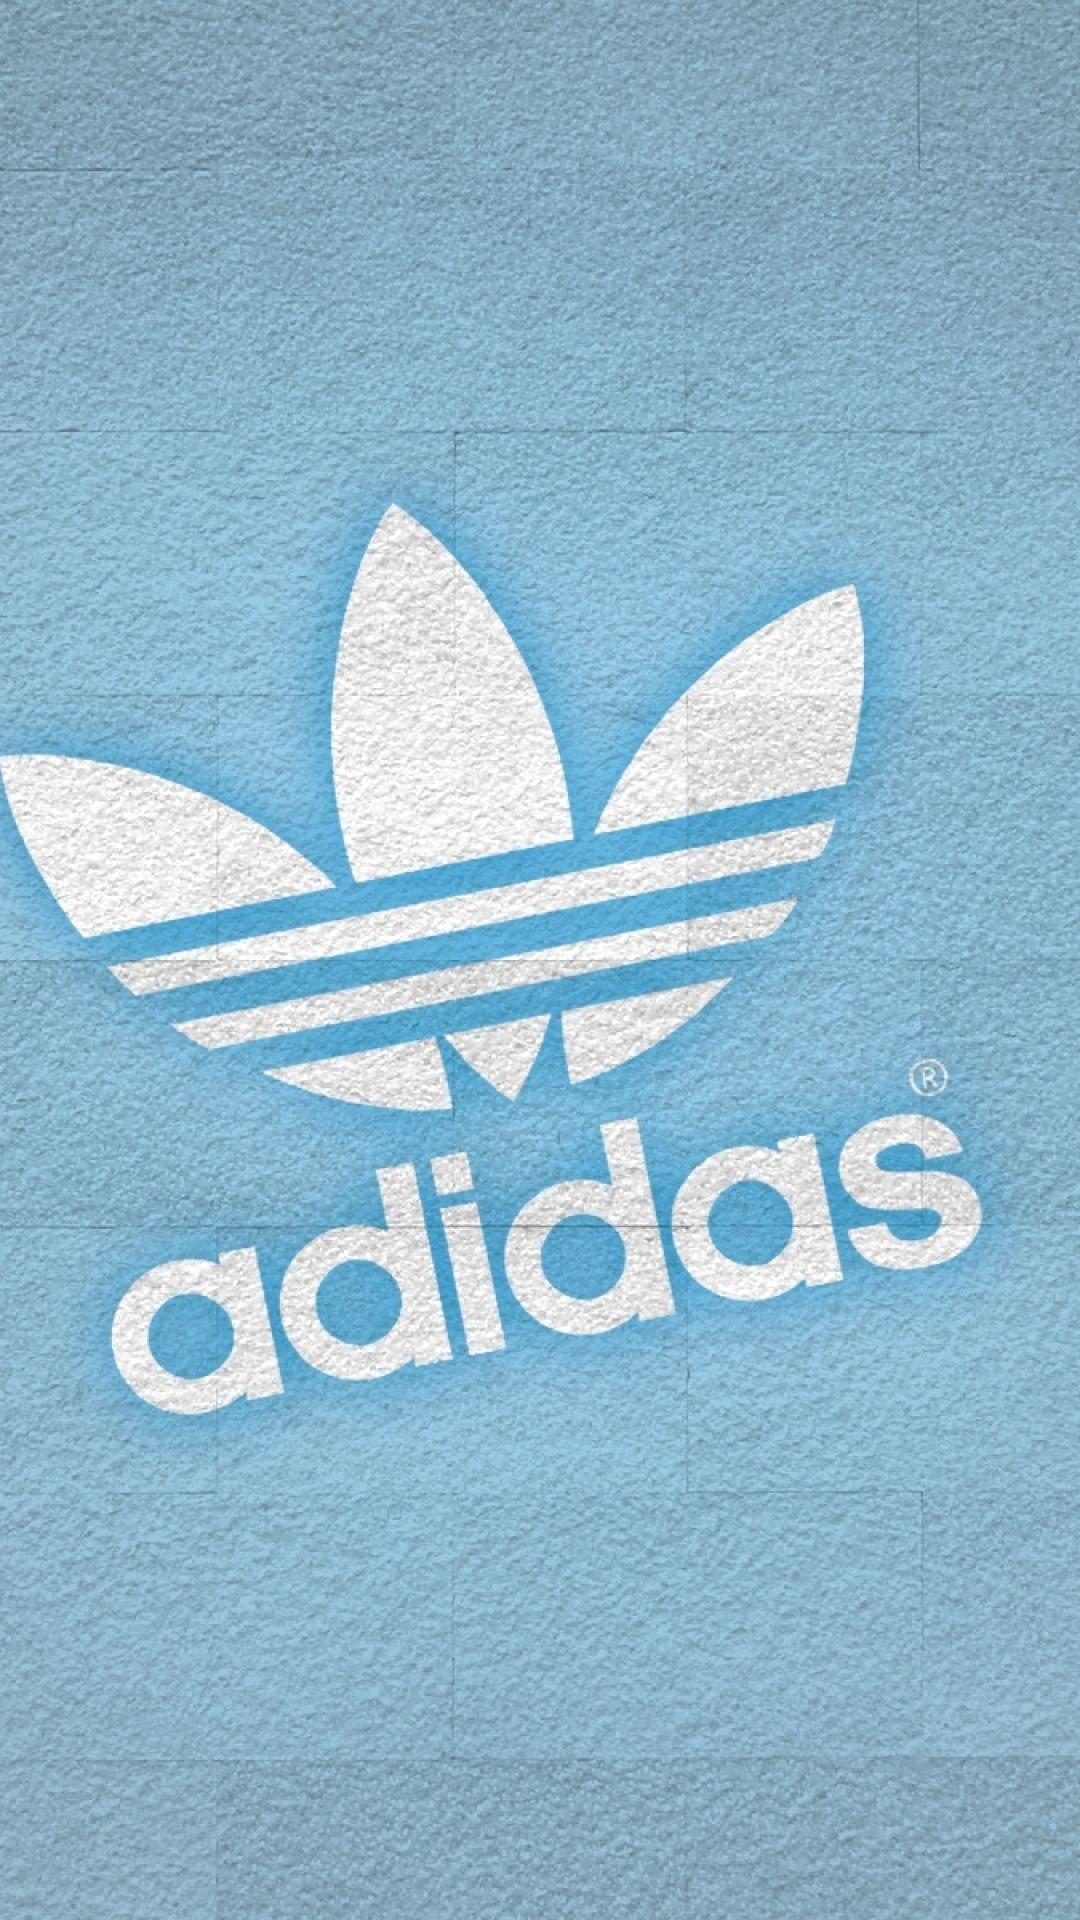 best authentic 54efc d1e0a Adidas Iphone HD Wallpaper - wallpaper.wiki